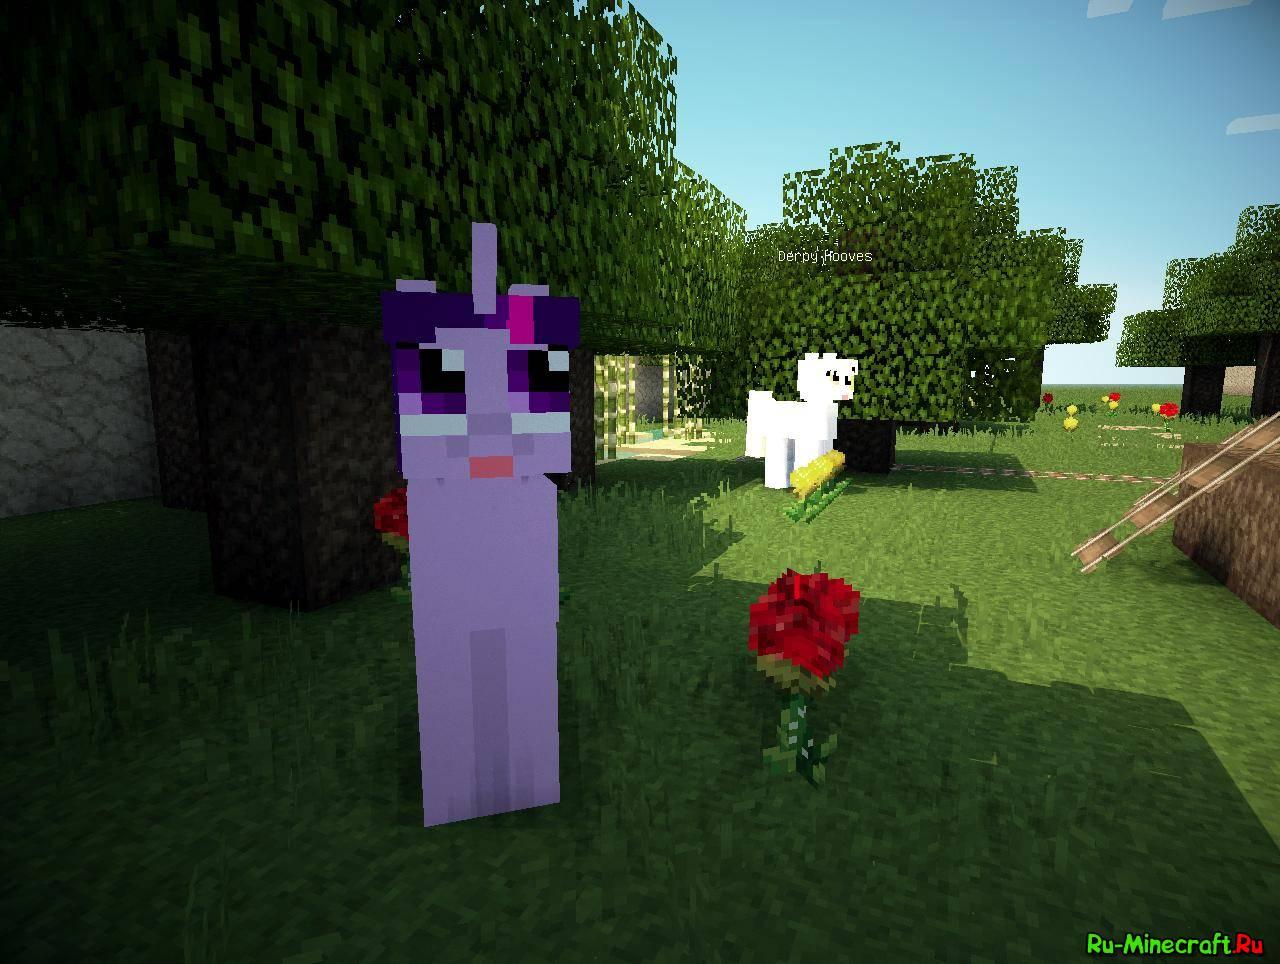 Сборка клиента Minecraft 1.5.2 с лучшими 50 модами скачать ...